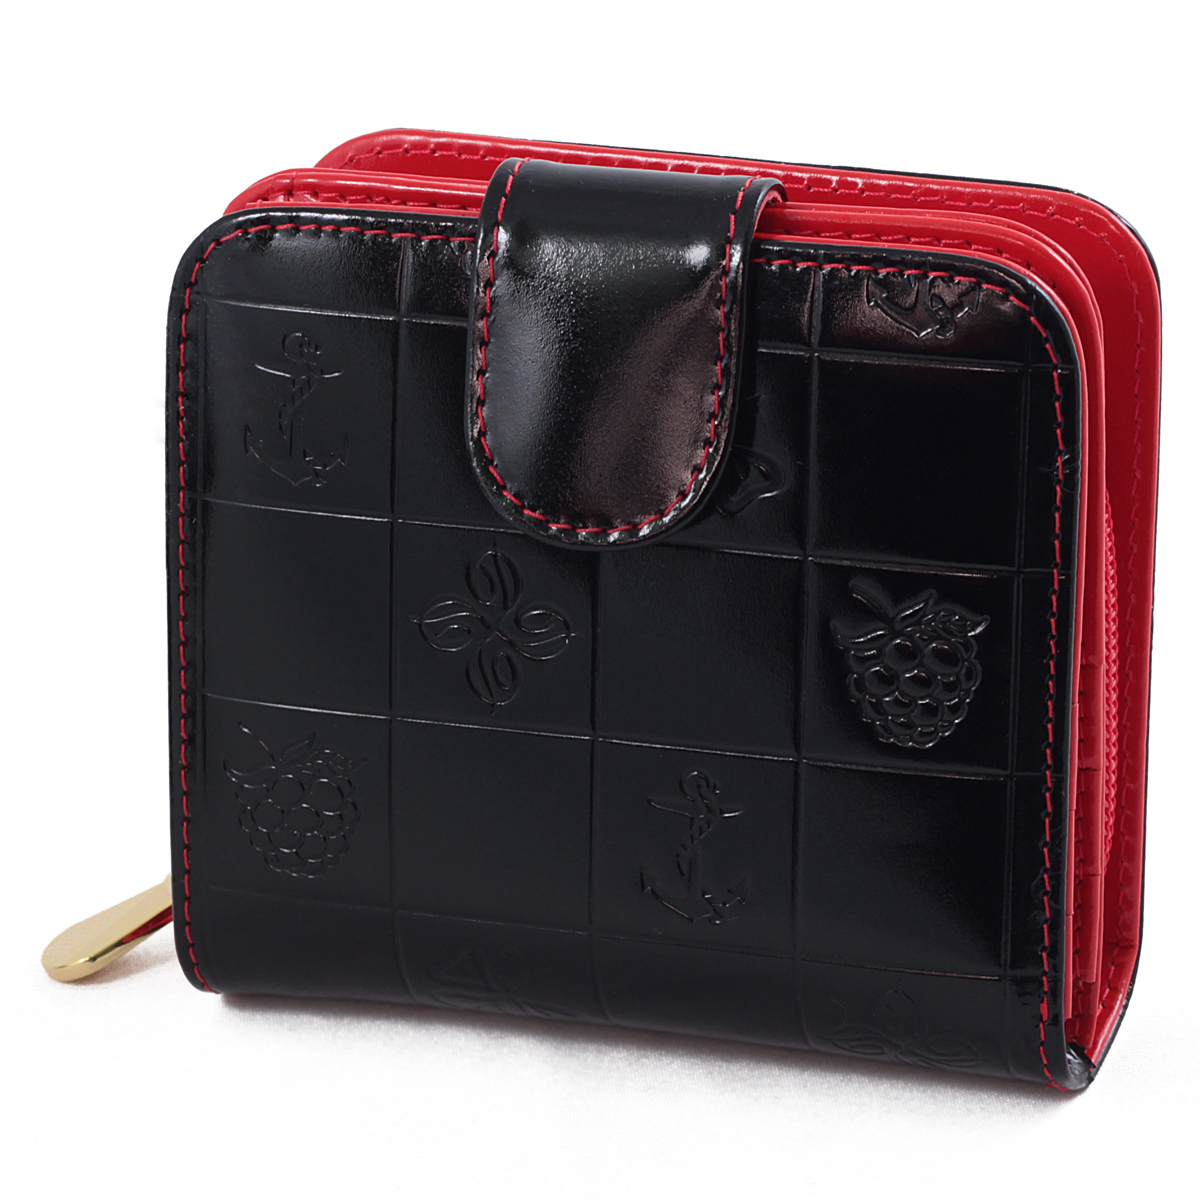 Кошелек женский Dimanche Bonbon, цвет: черный, красный. 295INT-06501Женский кошелек Bonbon выполнен из натуральной лаковой высококачественной кожи с декоративным тиснением. Состоит из двух отделений. В первом, закрывающимся на кнопку, имеется два отделения для купюр и восемь кармашков для кредитных карт. Второе отделение для мелочи закрывается на молнию, внутри имеется перегородка. Кошелек упакован в фирменную картонную коробку. Характеристики:Материал: натуральная кожа, текстиль, металл. Размер кошелька: 9,5 см х 10,5 см х 3,5 см. Цвет: черный, красный.